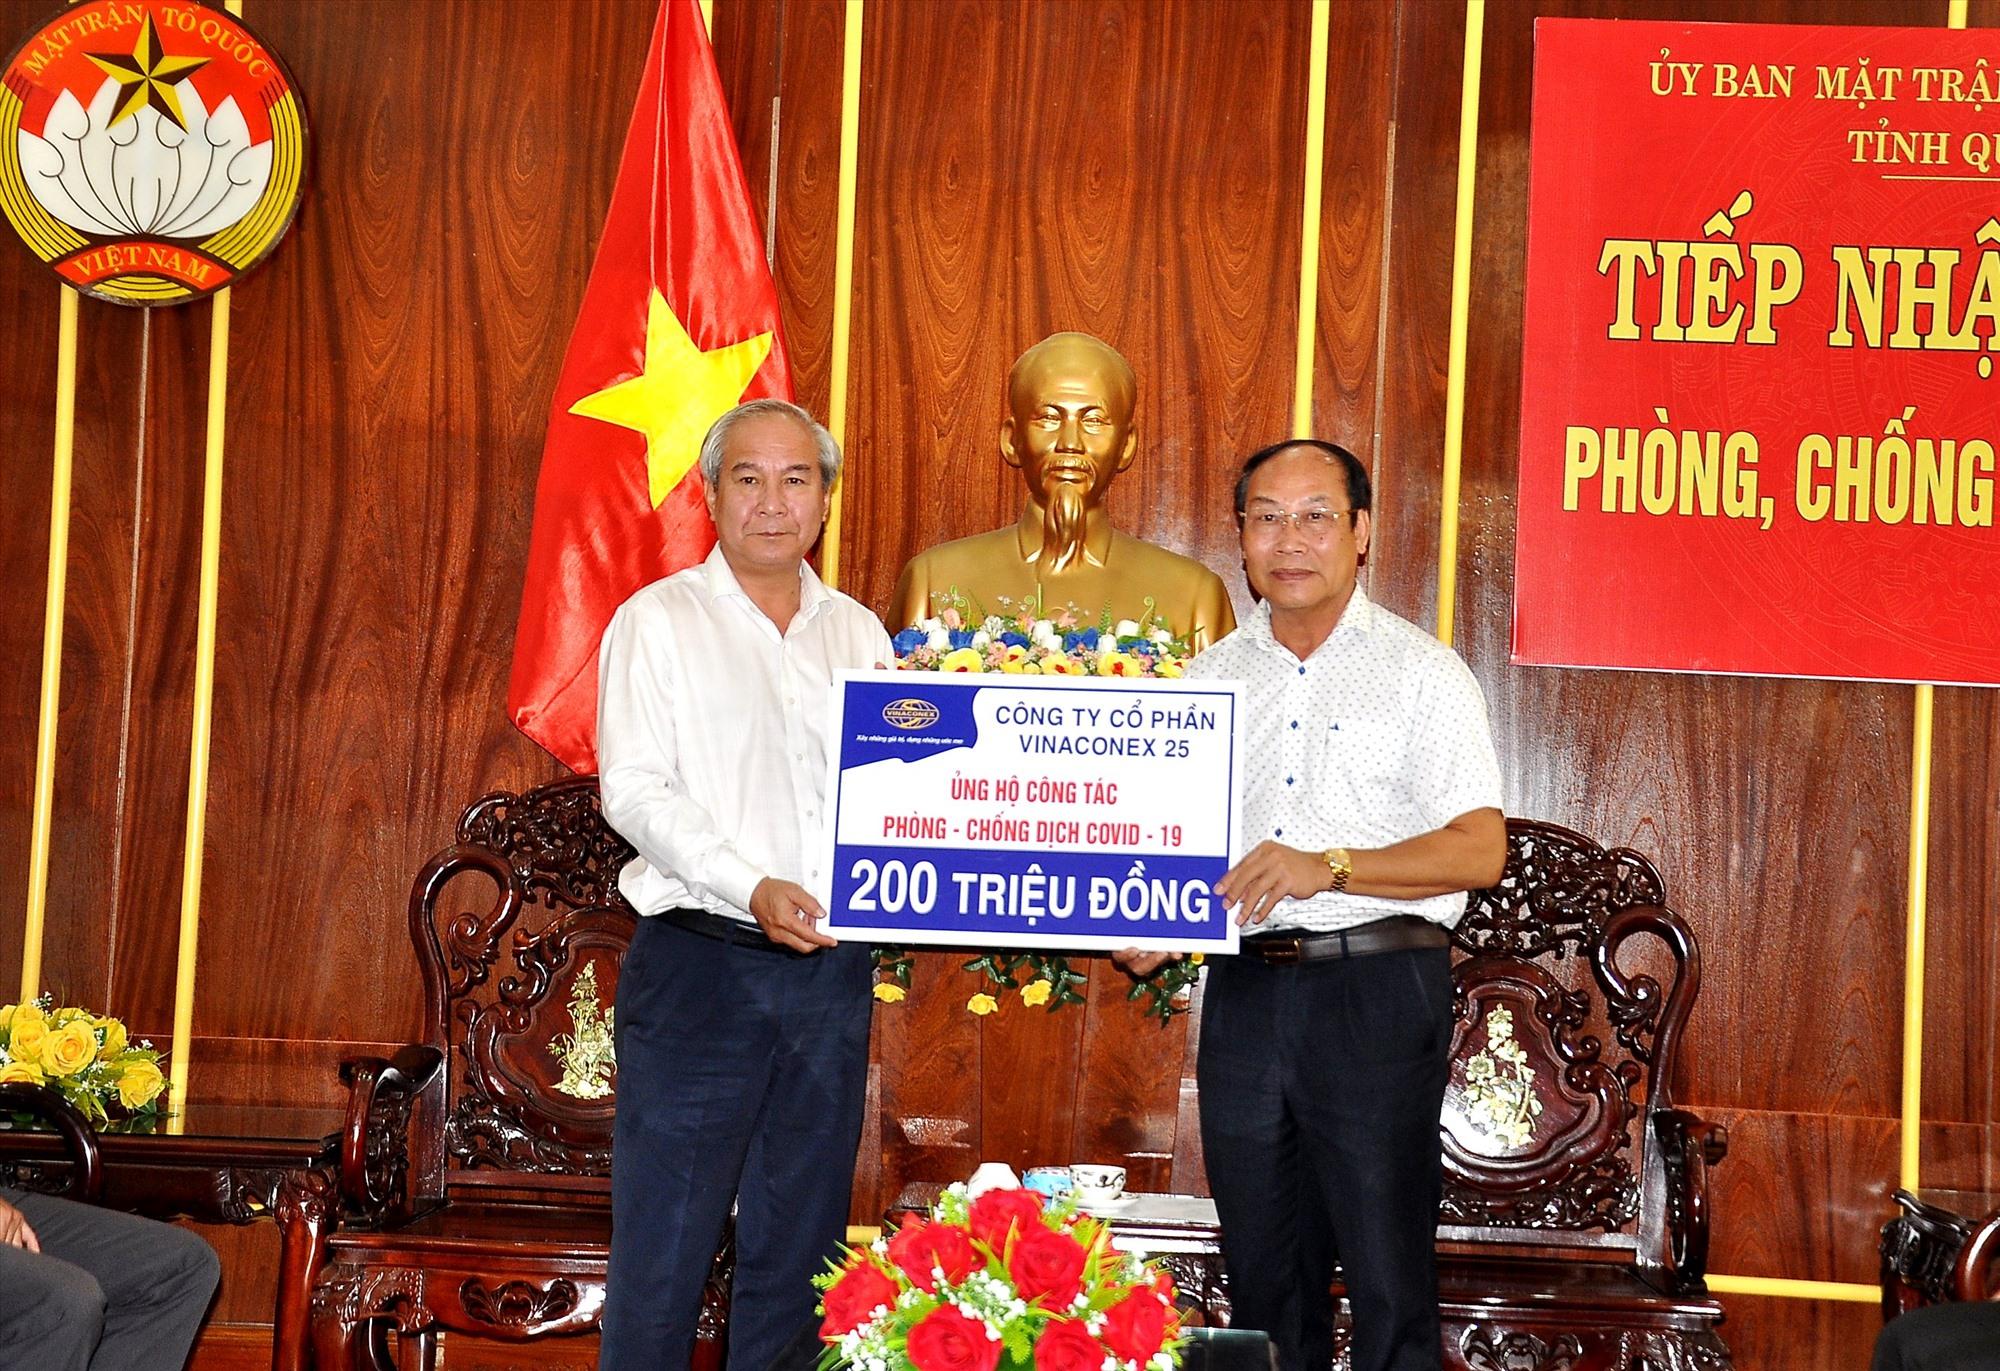 Công ty Vinaconex 25 hỗ trợ 200 triệu đồng. Ảnh: VINH ANH